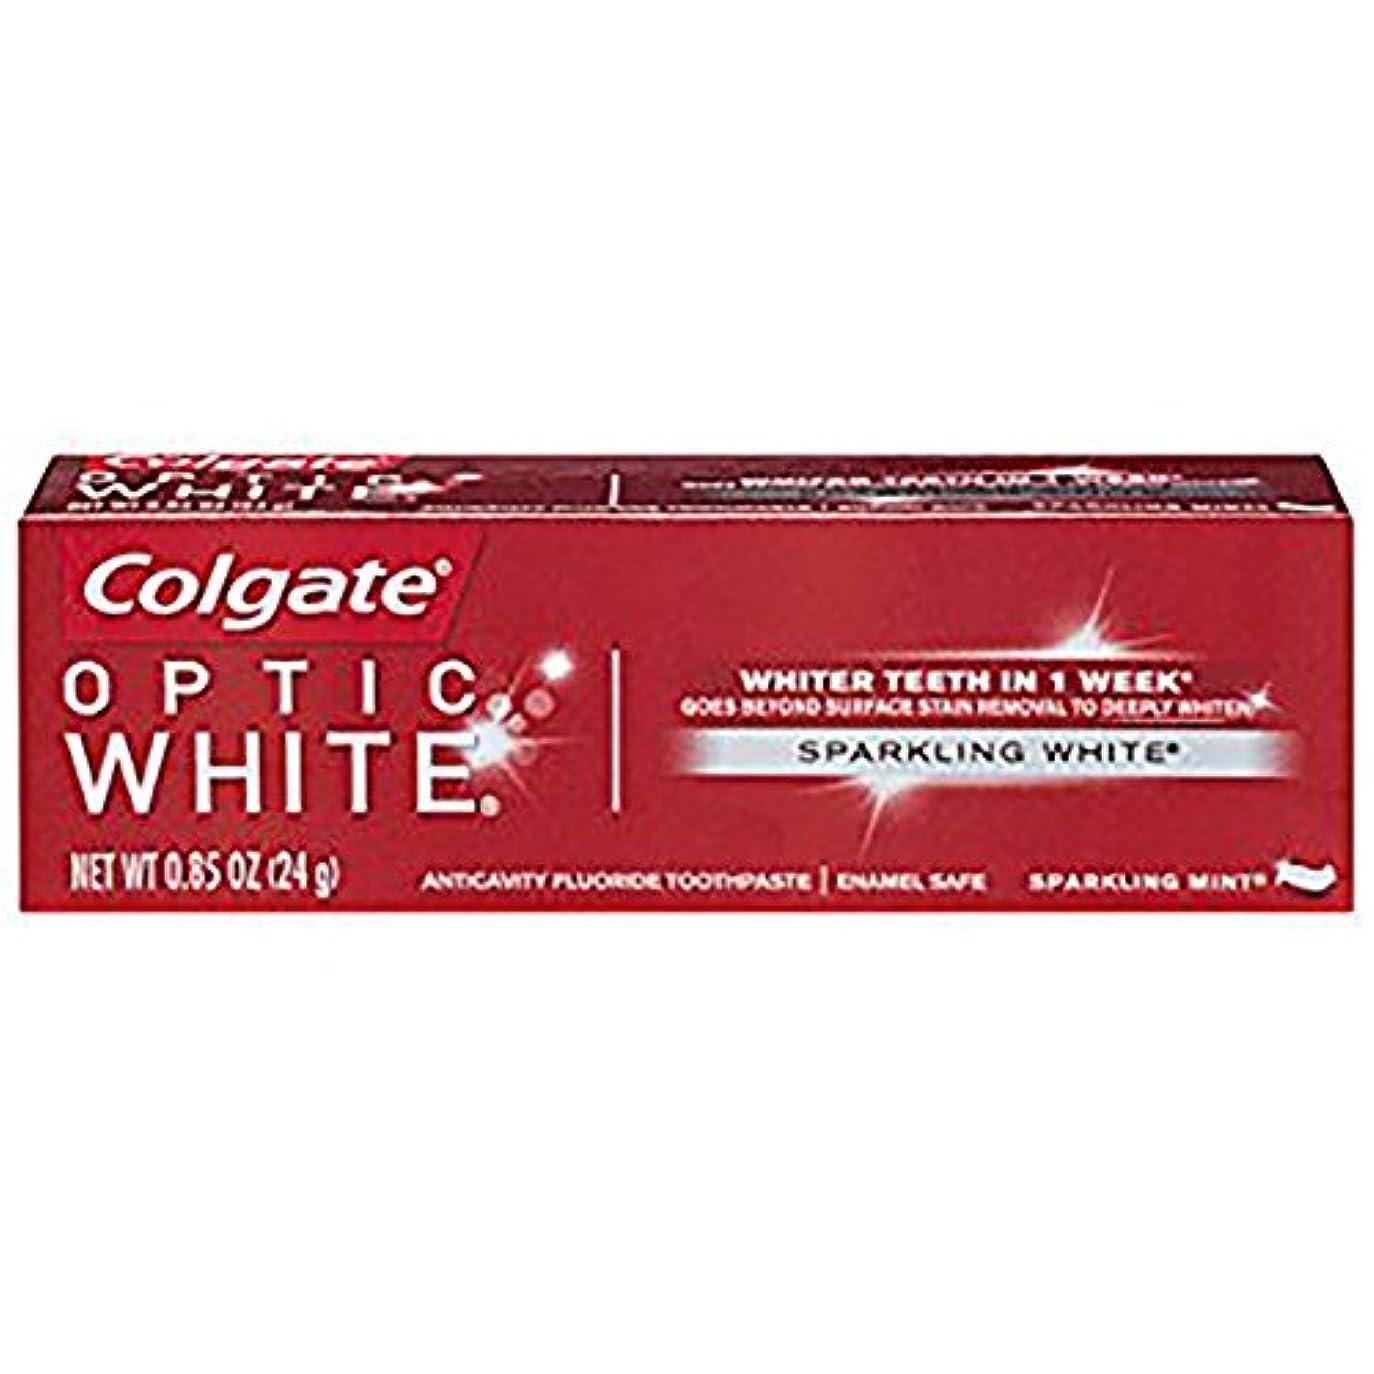 復活させる試みる更新するコルゲート ホワイトニング Colgate 24g Optic White Sparkling White 白い歯 歯磨き粉 ミント